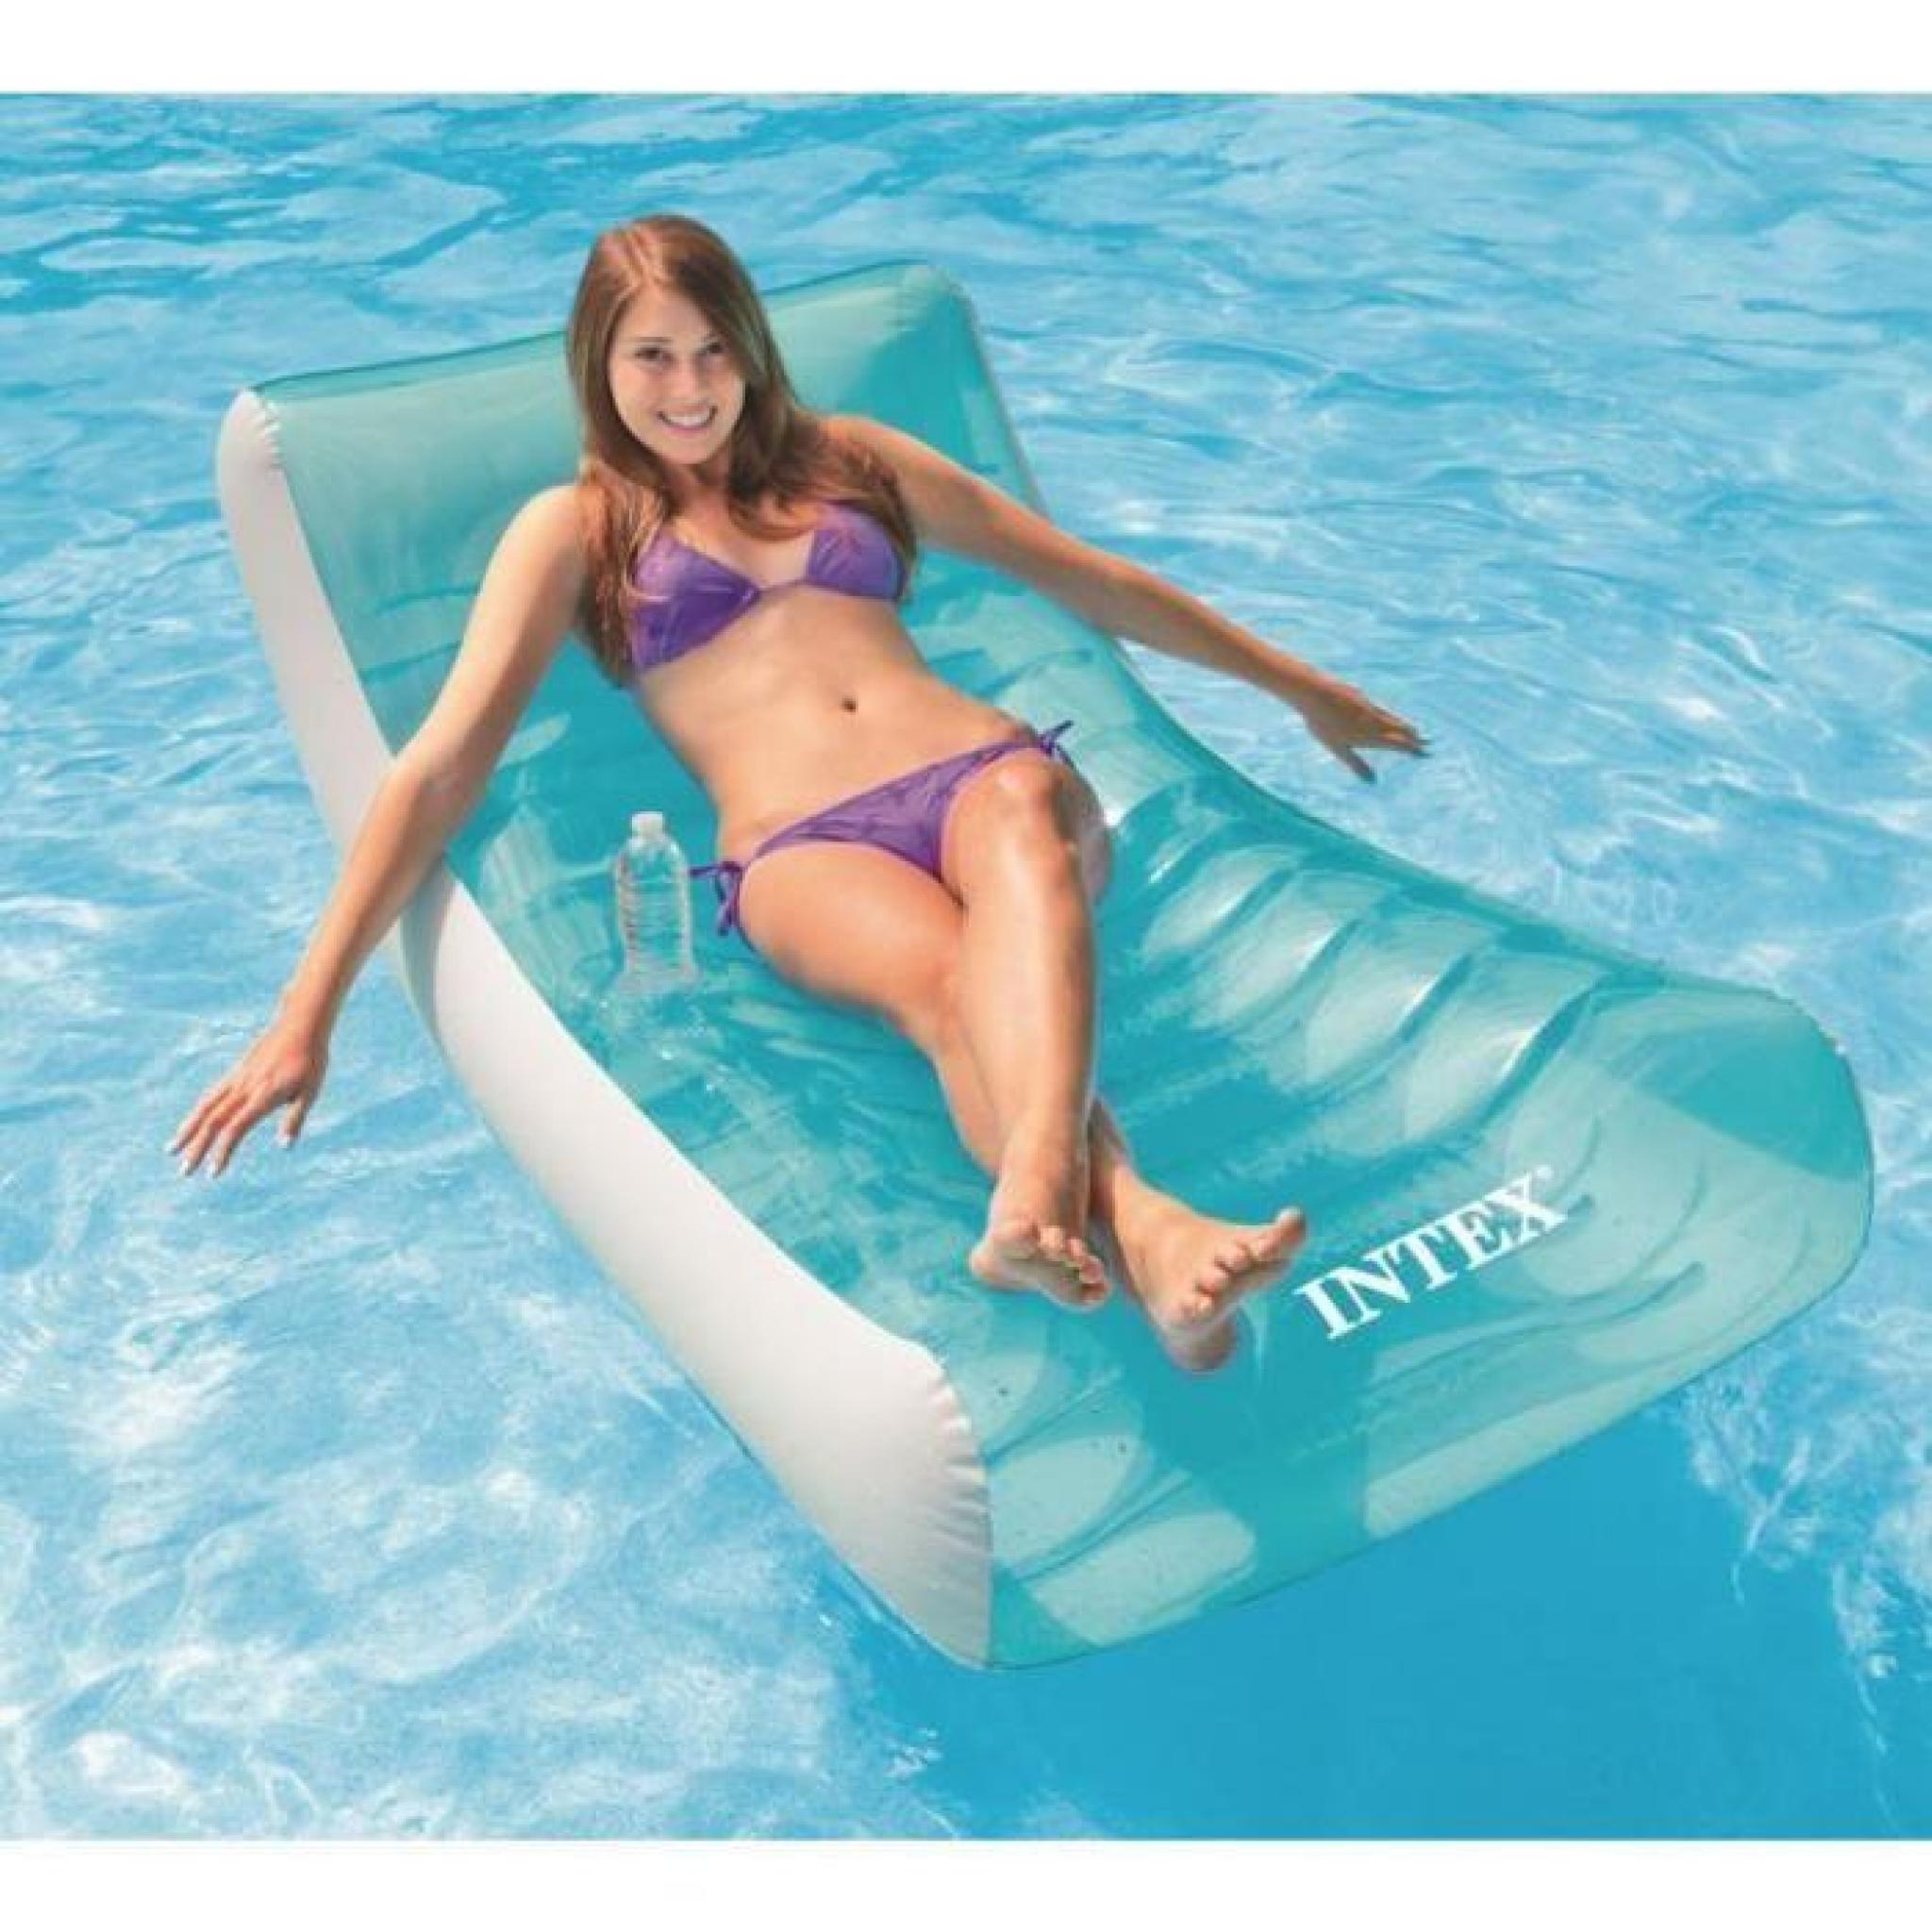 Intex Matelas Gonflable Adulte Pour Piscine Lounge 188 X 99 Cm encequiconcerne Matelas Pour Piscine